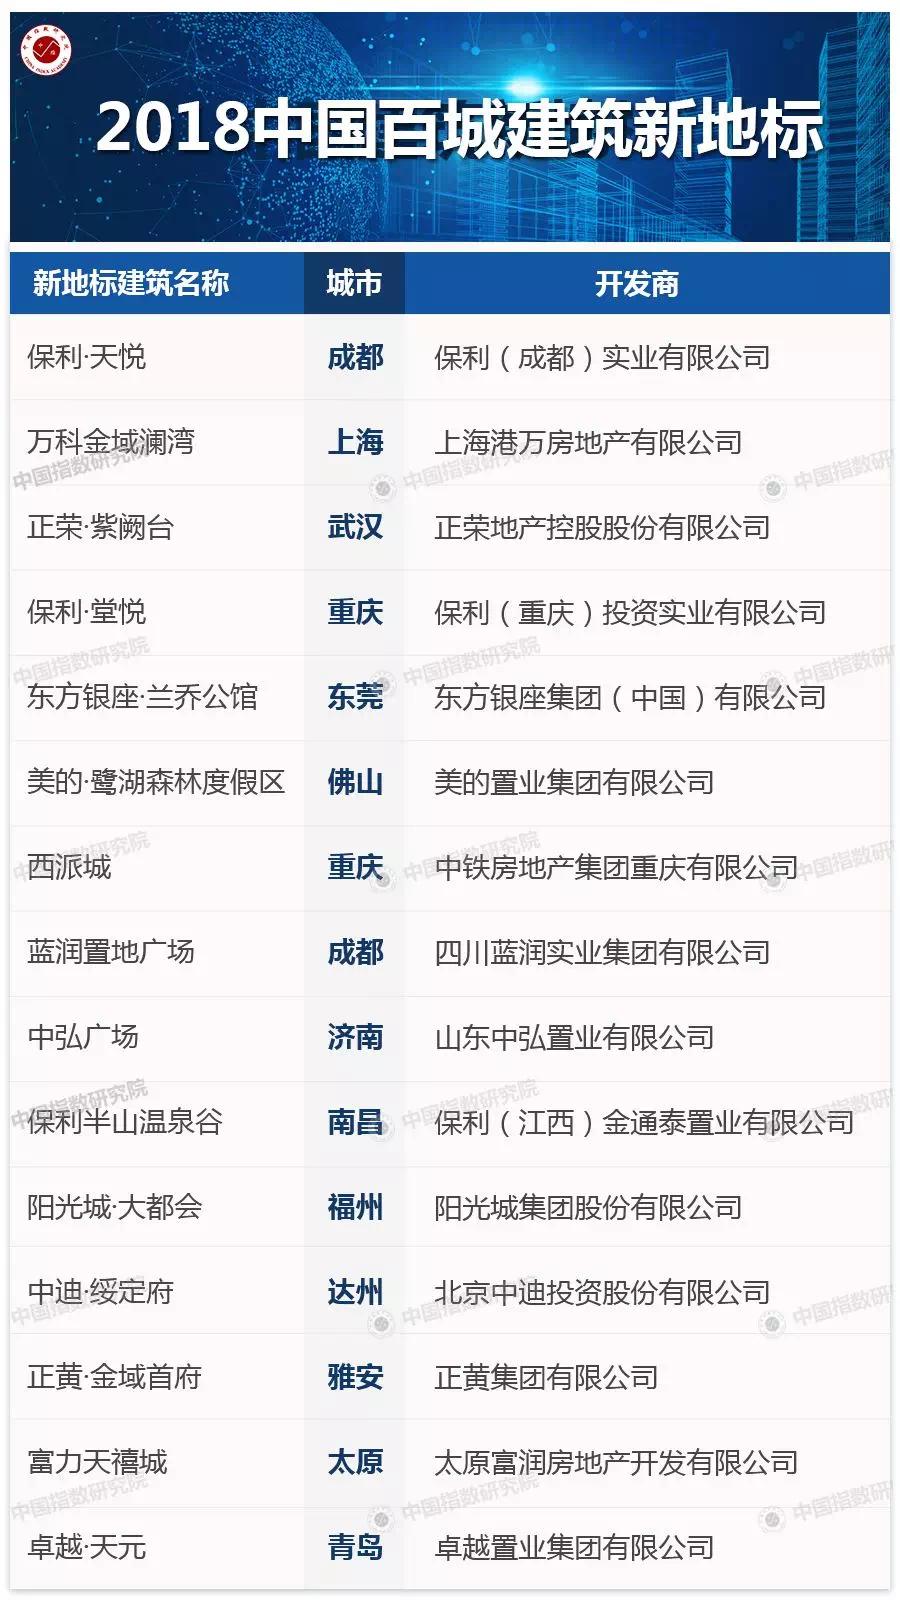 2018中国百城建筑新地标研究报告